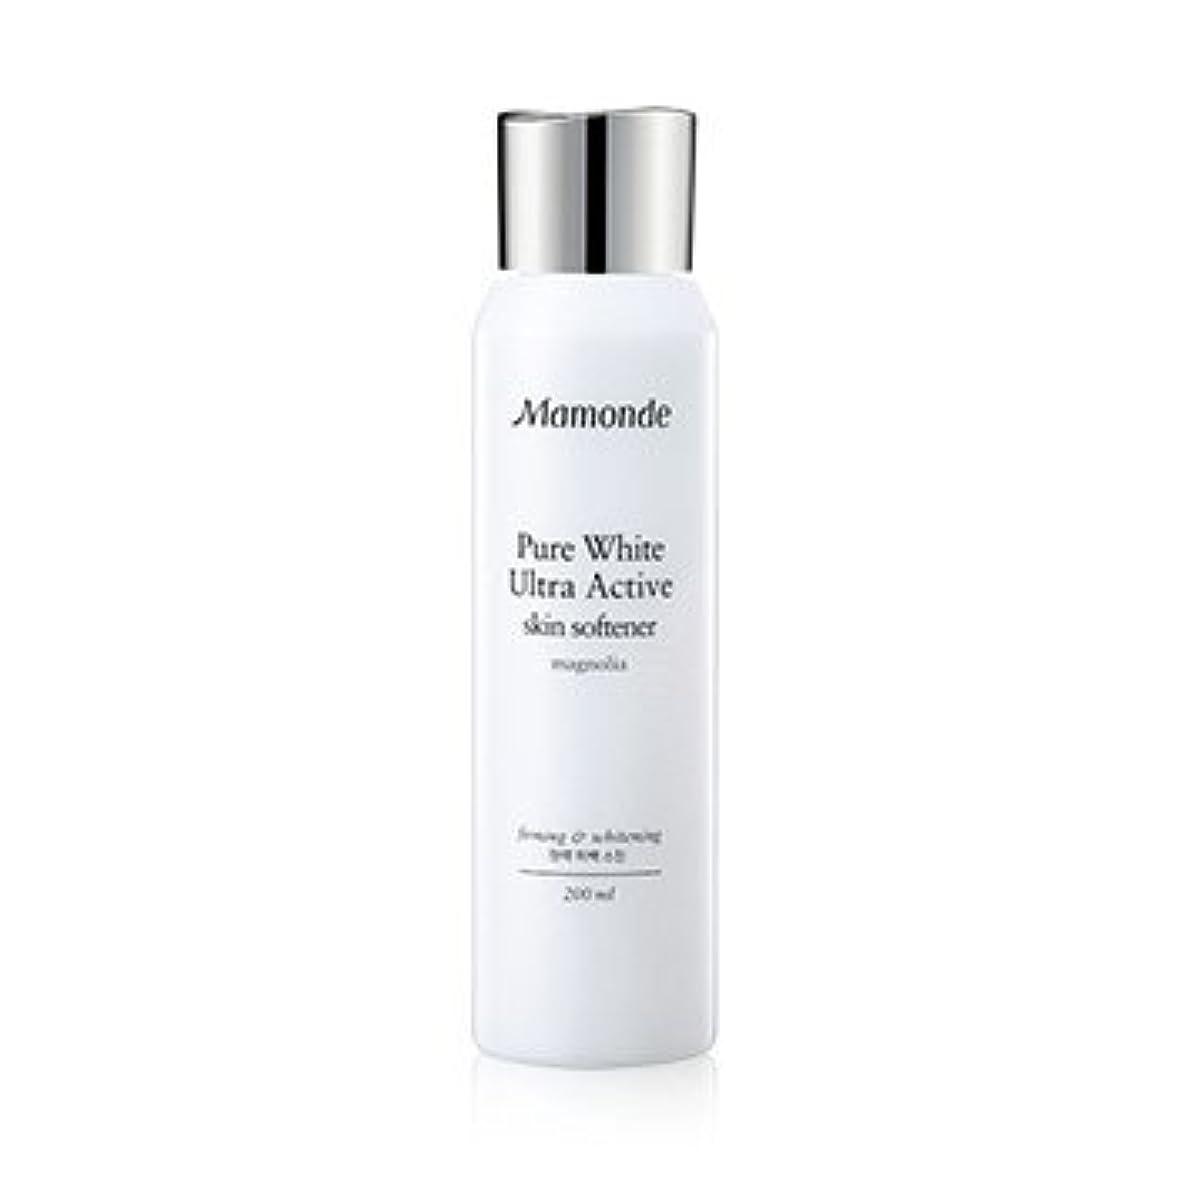 心のこもった制約始まりMamonde Pure White Ultra Active Skin Softener 200ml/マモンド ピュア ホワイト ウルトラ アクティブ スキン ソフナー 200ml [並行輸入品]